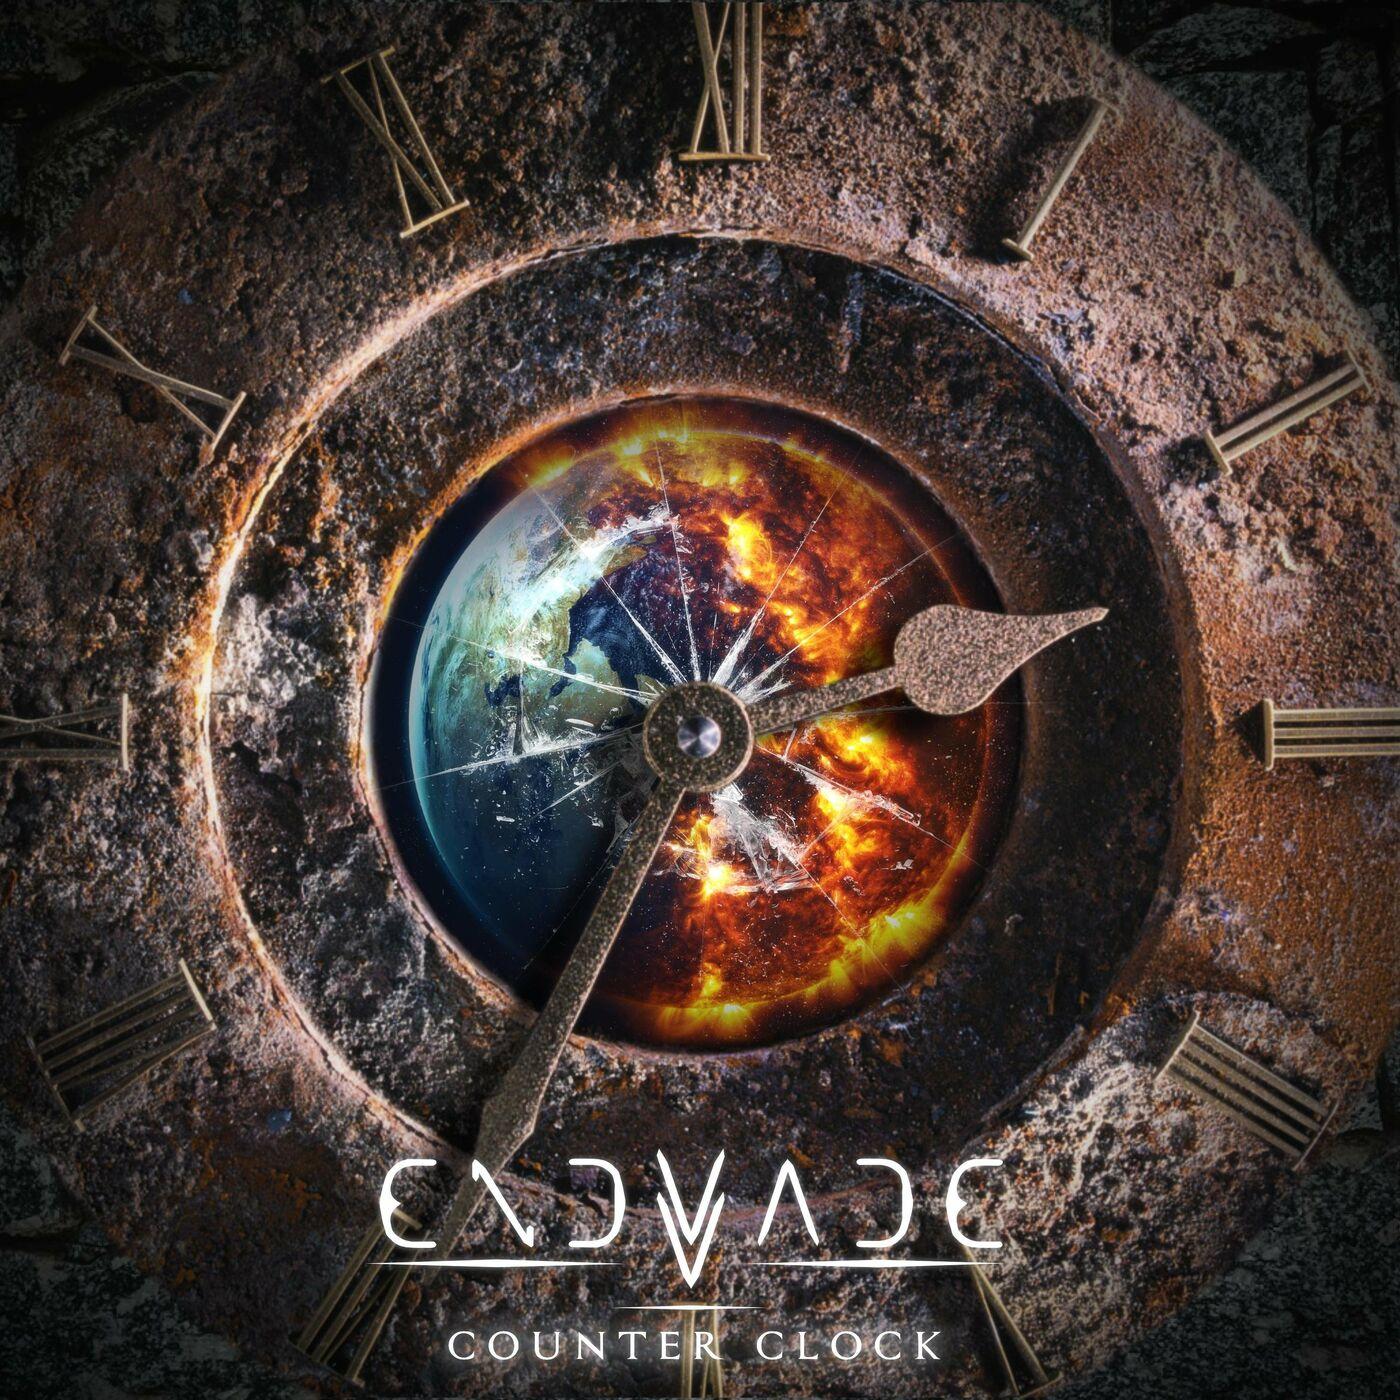 Endvade - Counter Clock [single] (2020)